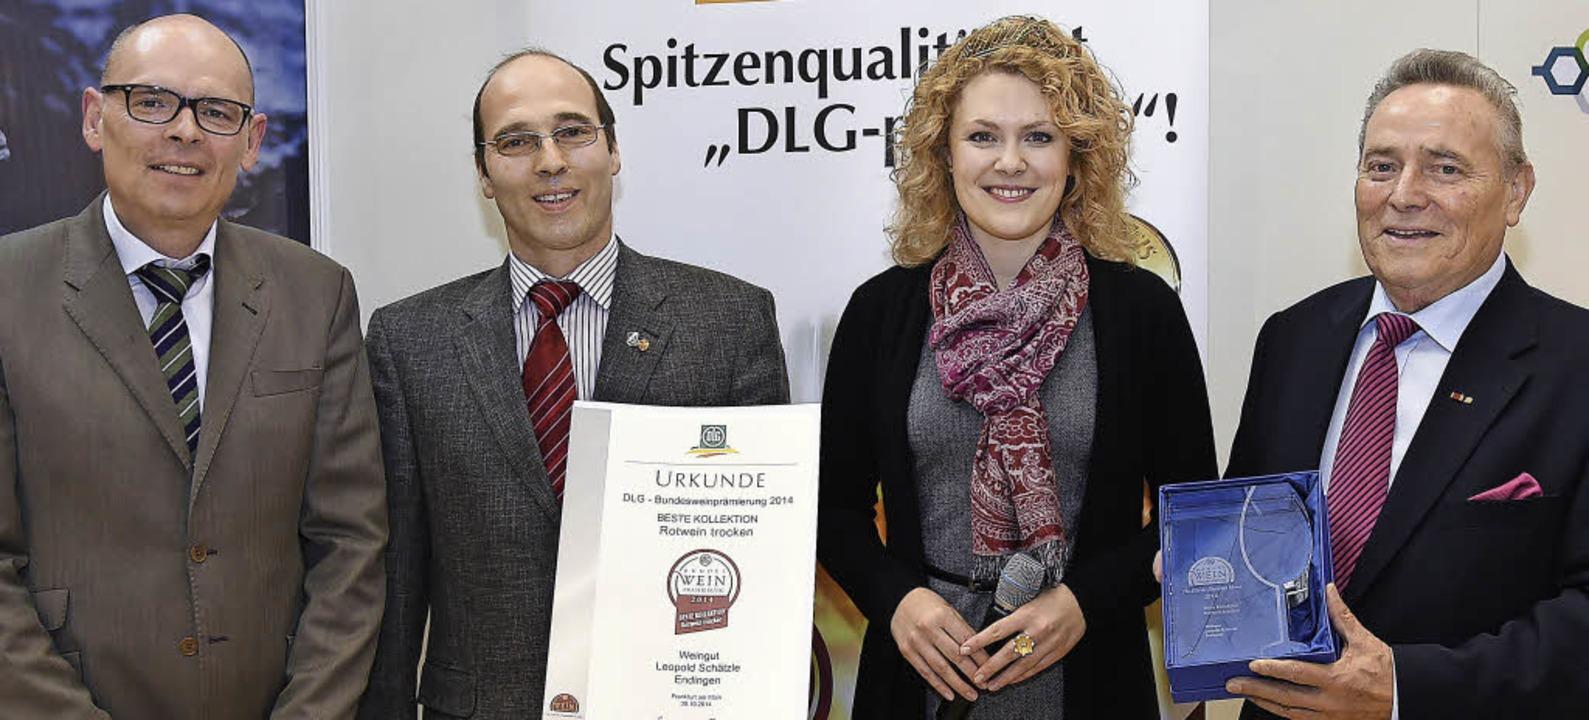 Die Deutsche Weinkönigin Janina Huhn u...an Leopold Schätzle Senior und Junior.    Foto: DLG